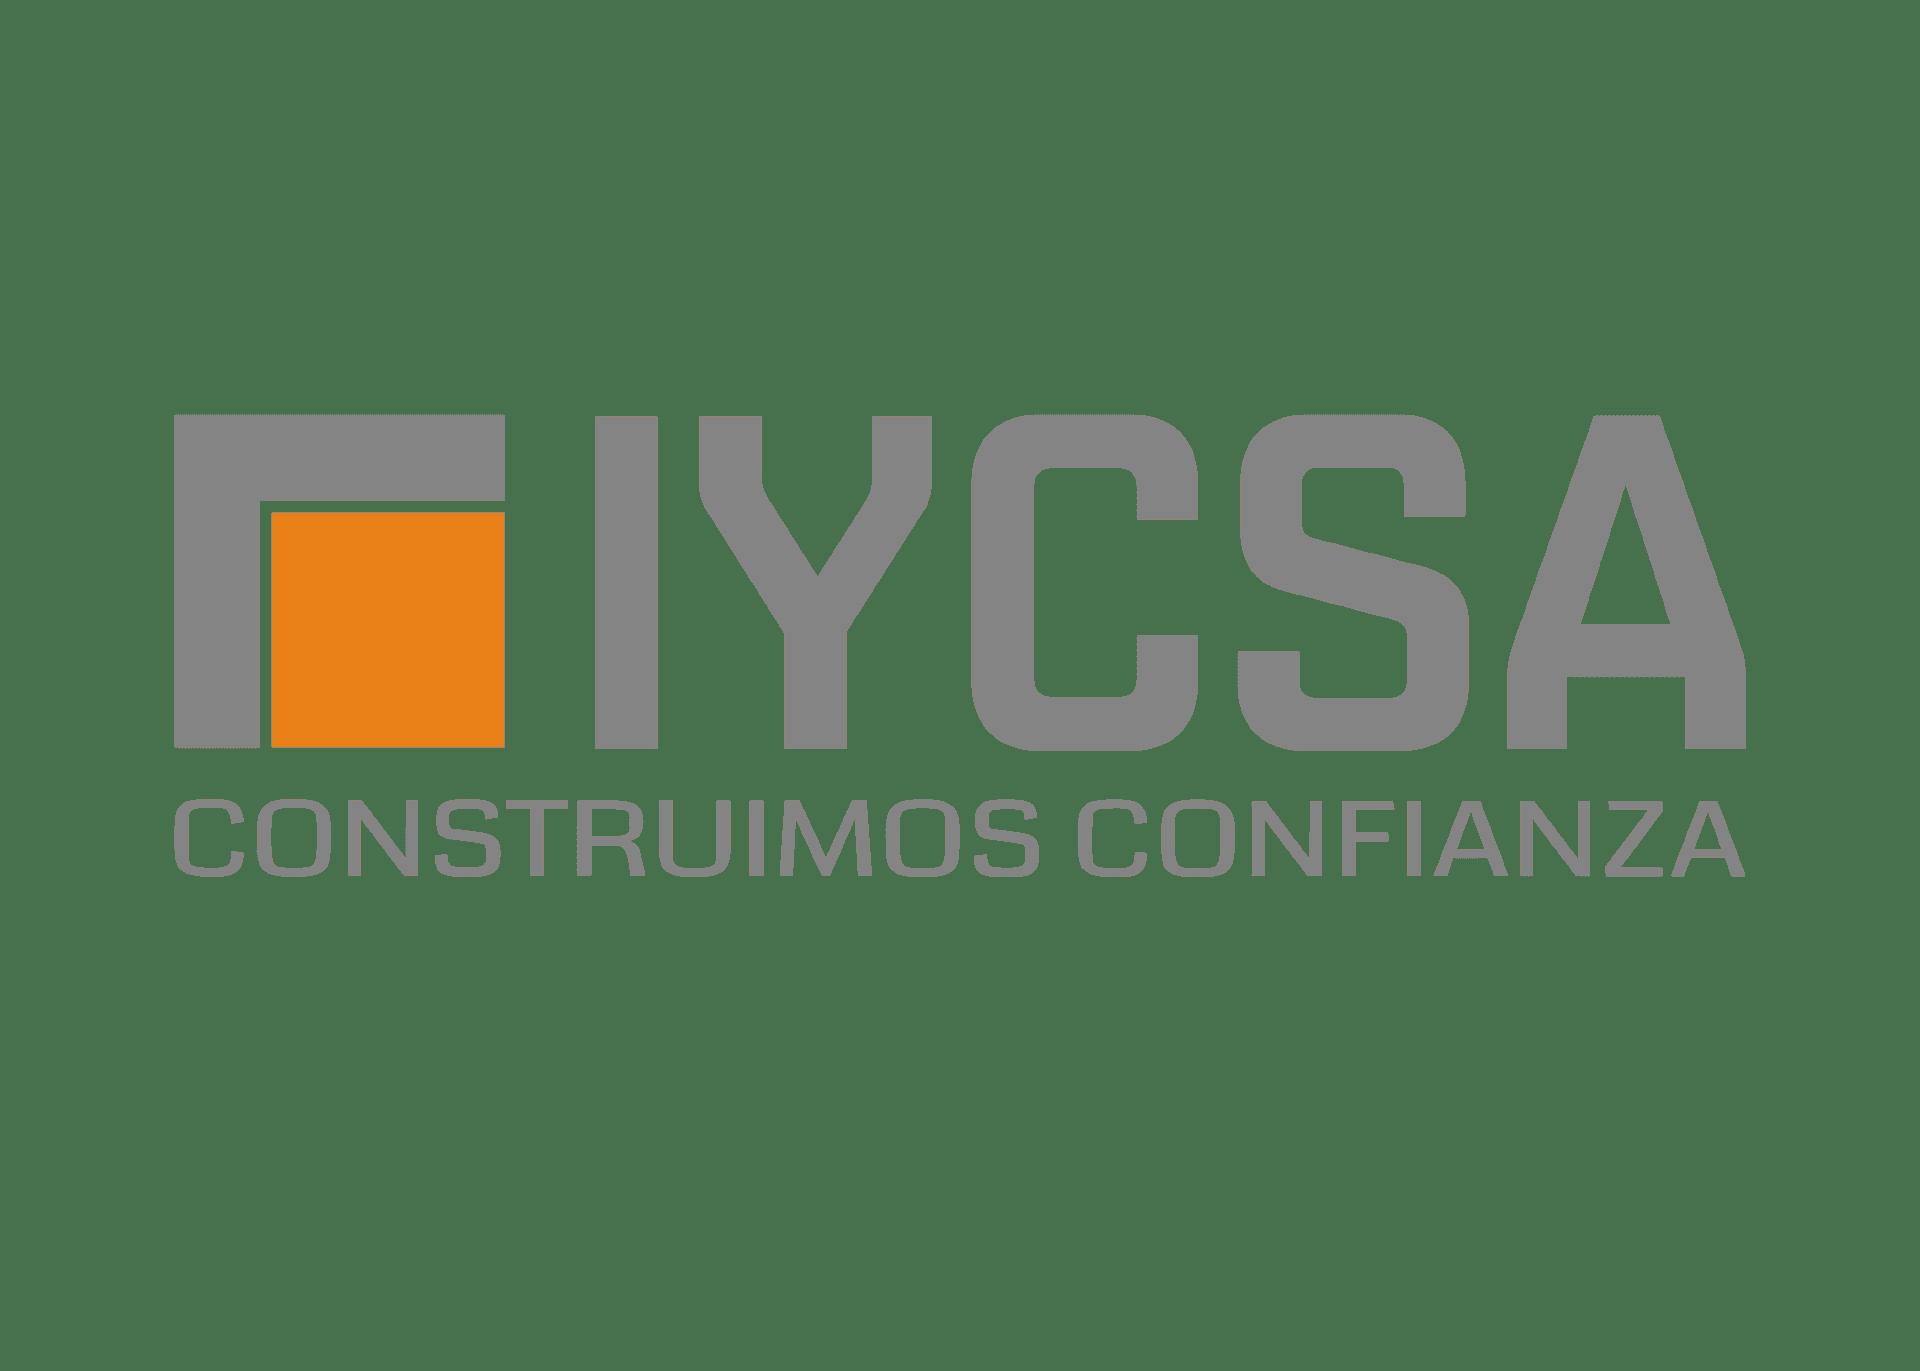 IYCSA | Construimos confianza